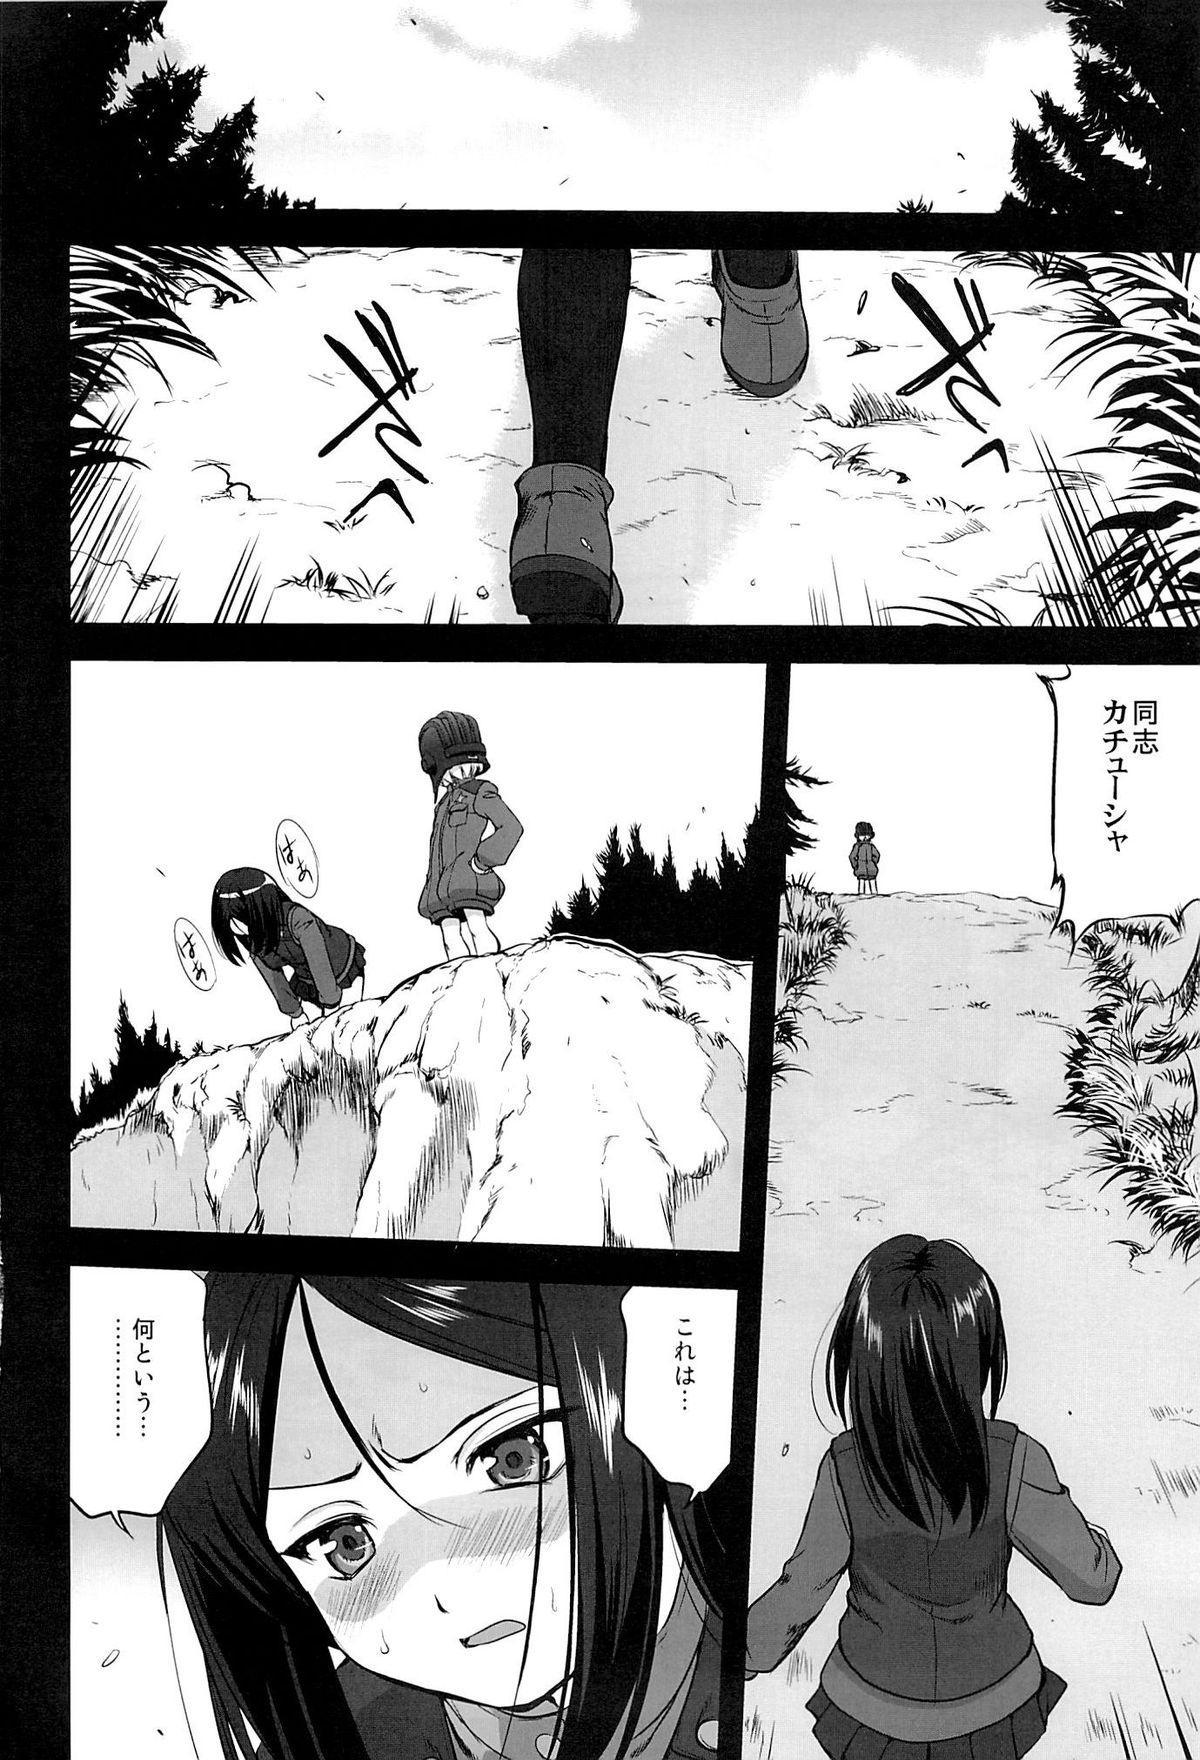 Yukiyukite Senshadou Kuromorimine no Tatakai 2